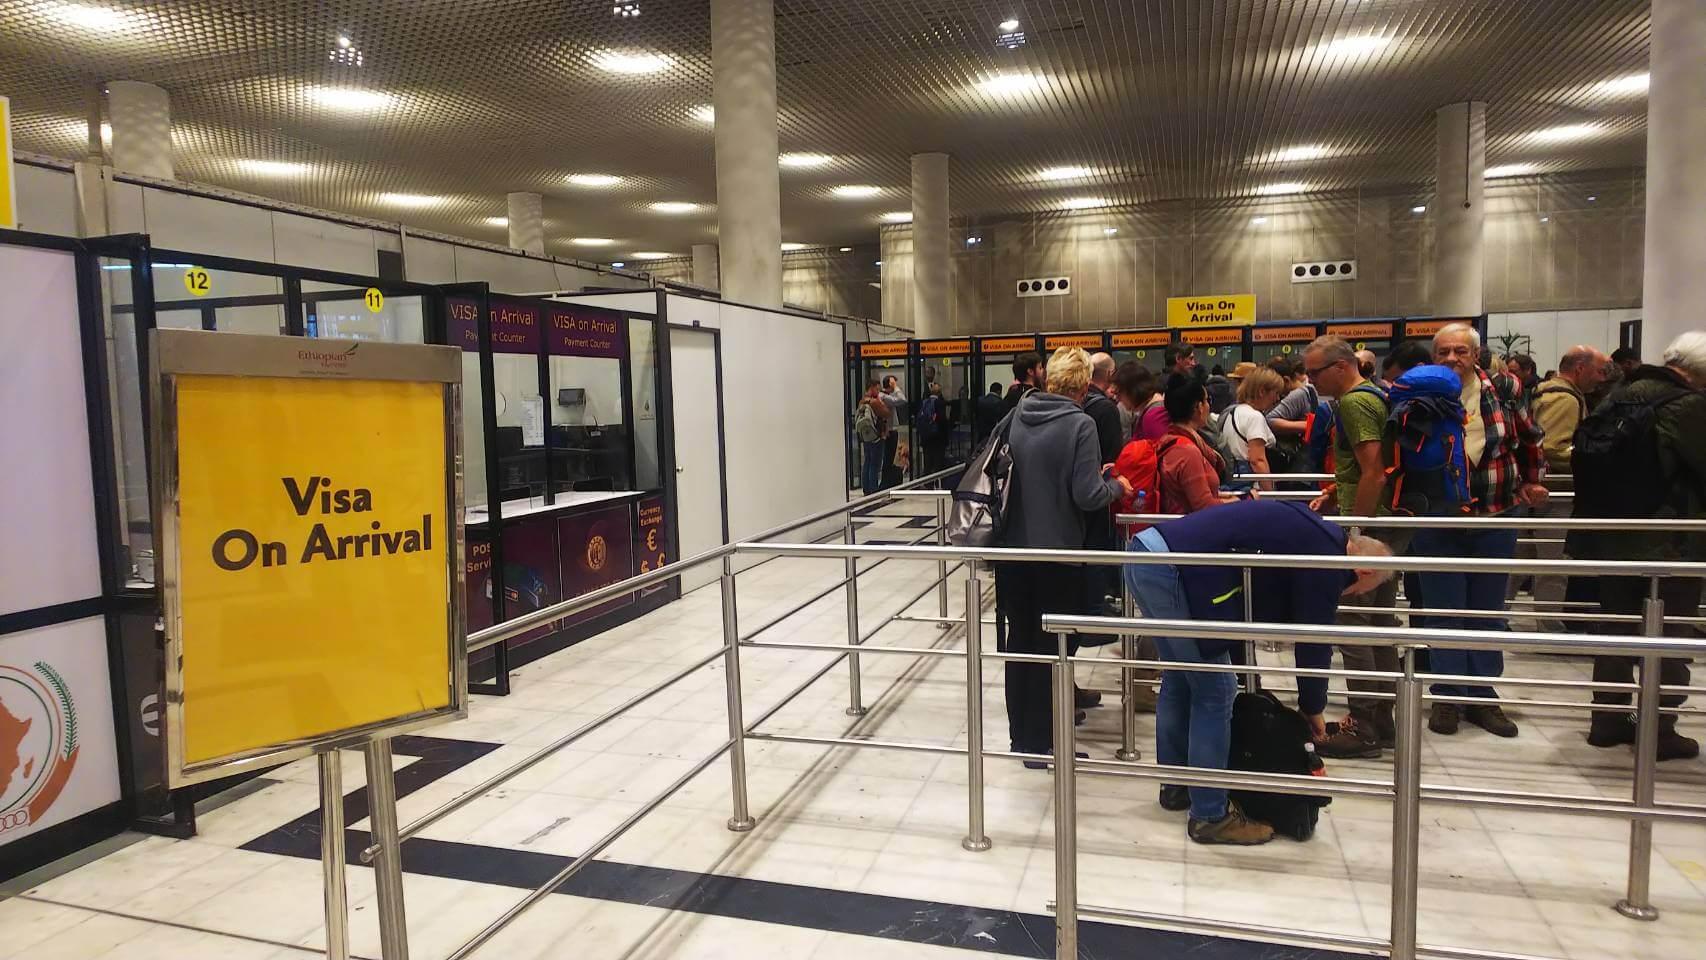 アディスアベバ空港でアライバルビザの取得方法の徹底解説!